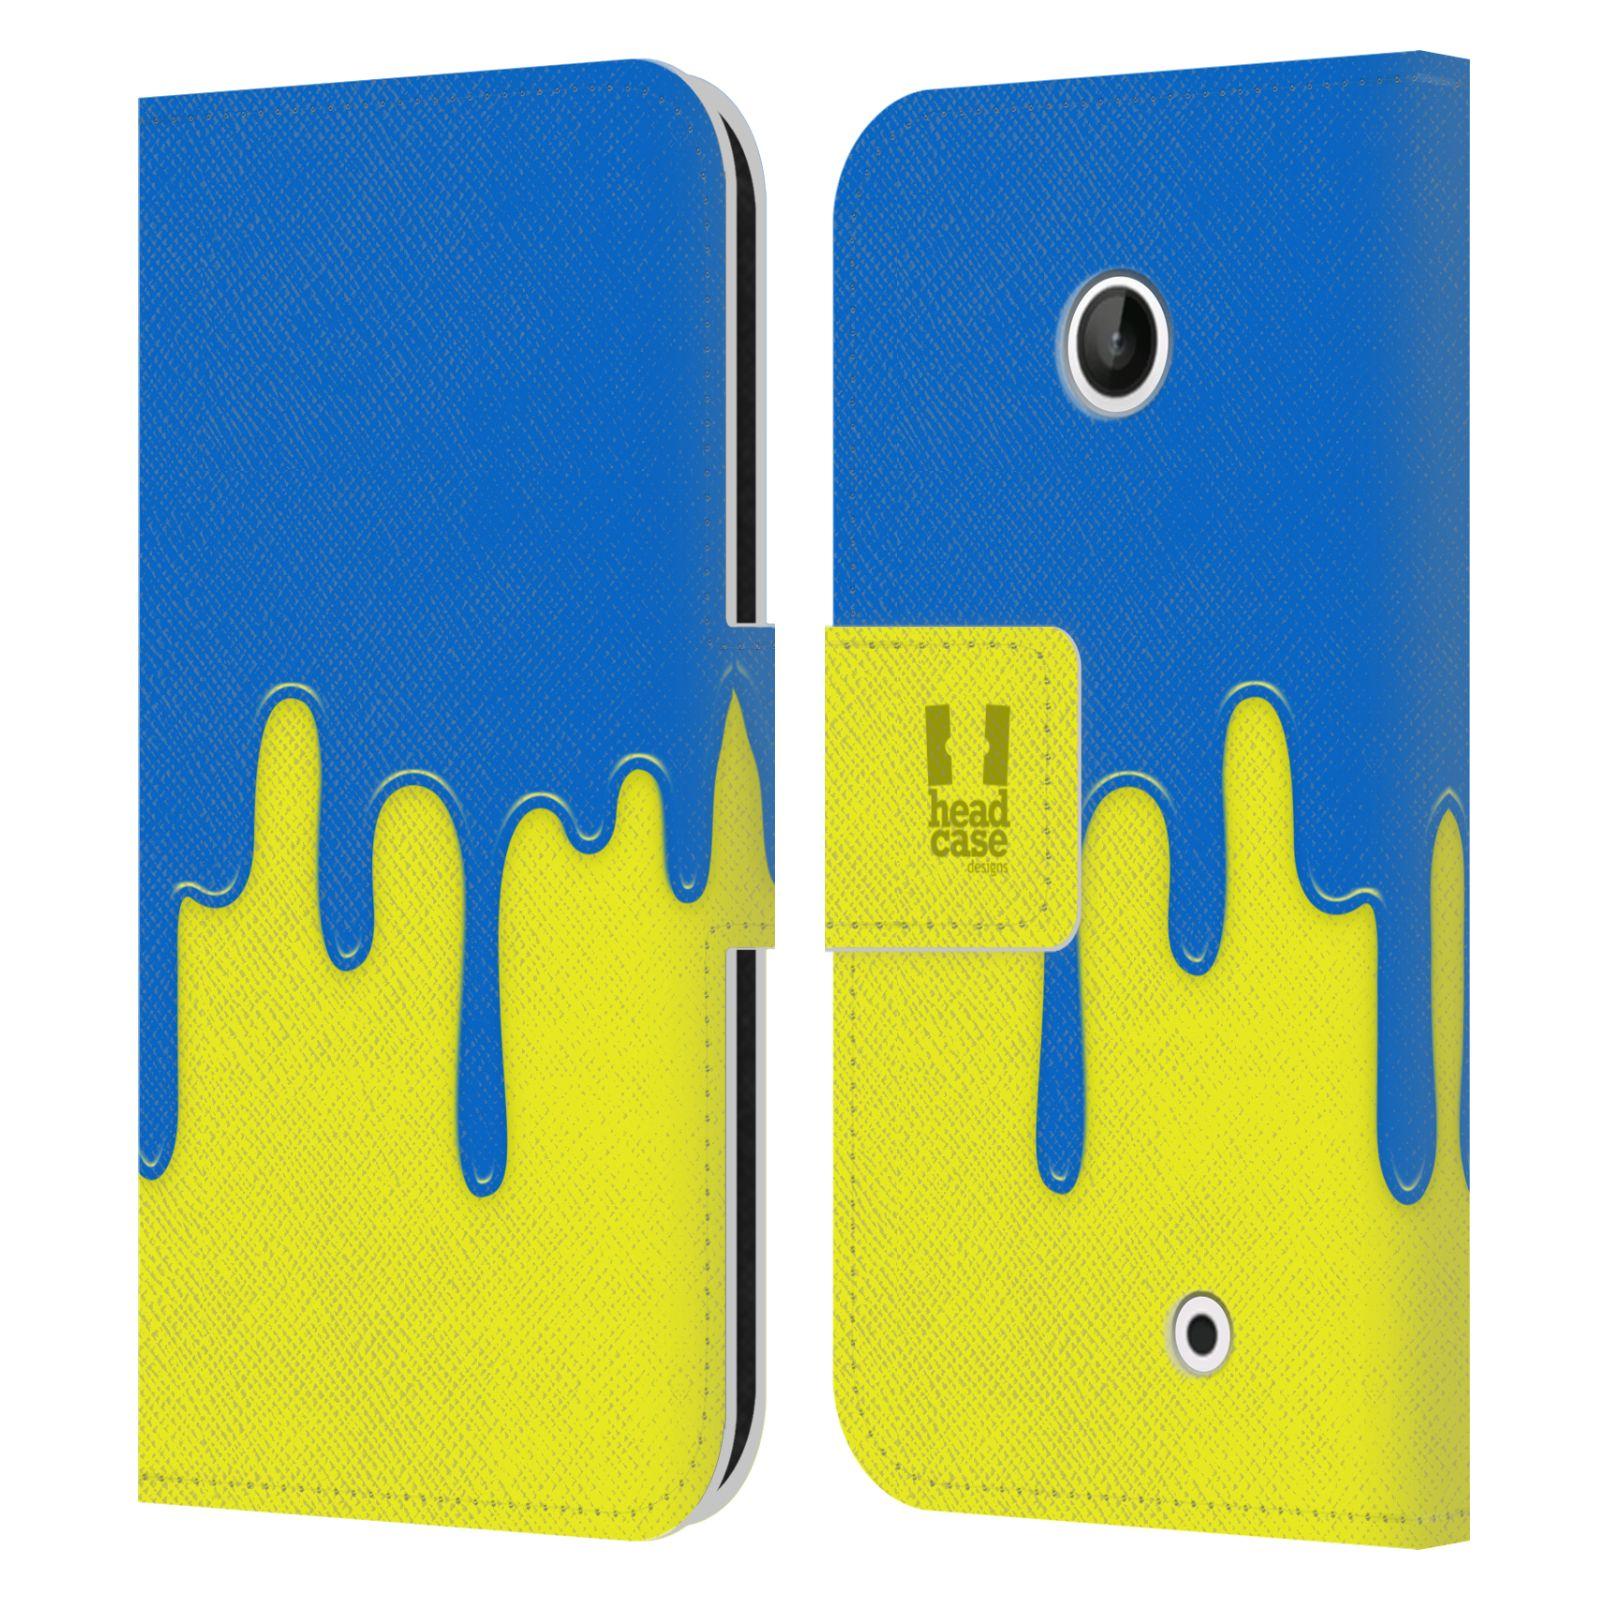 HEAD CASE Flipové pouzdro pro mobil NOKIA LUMIA 630 / LUMIA 630 DUAL Rozlitá barva modrá a žlutá